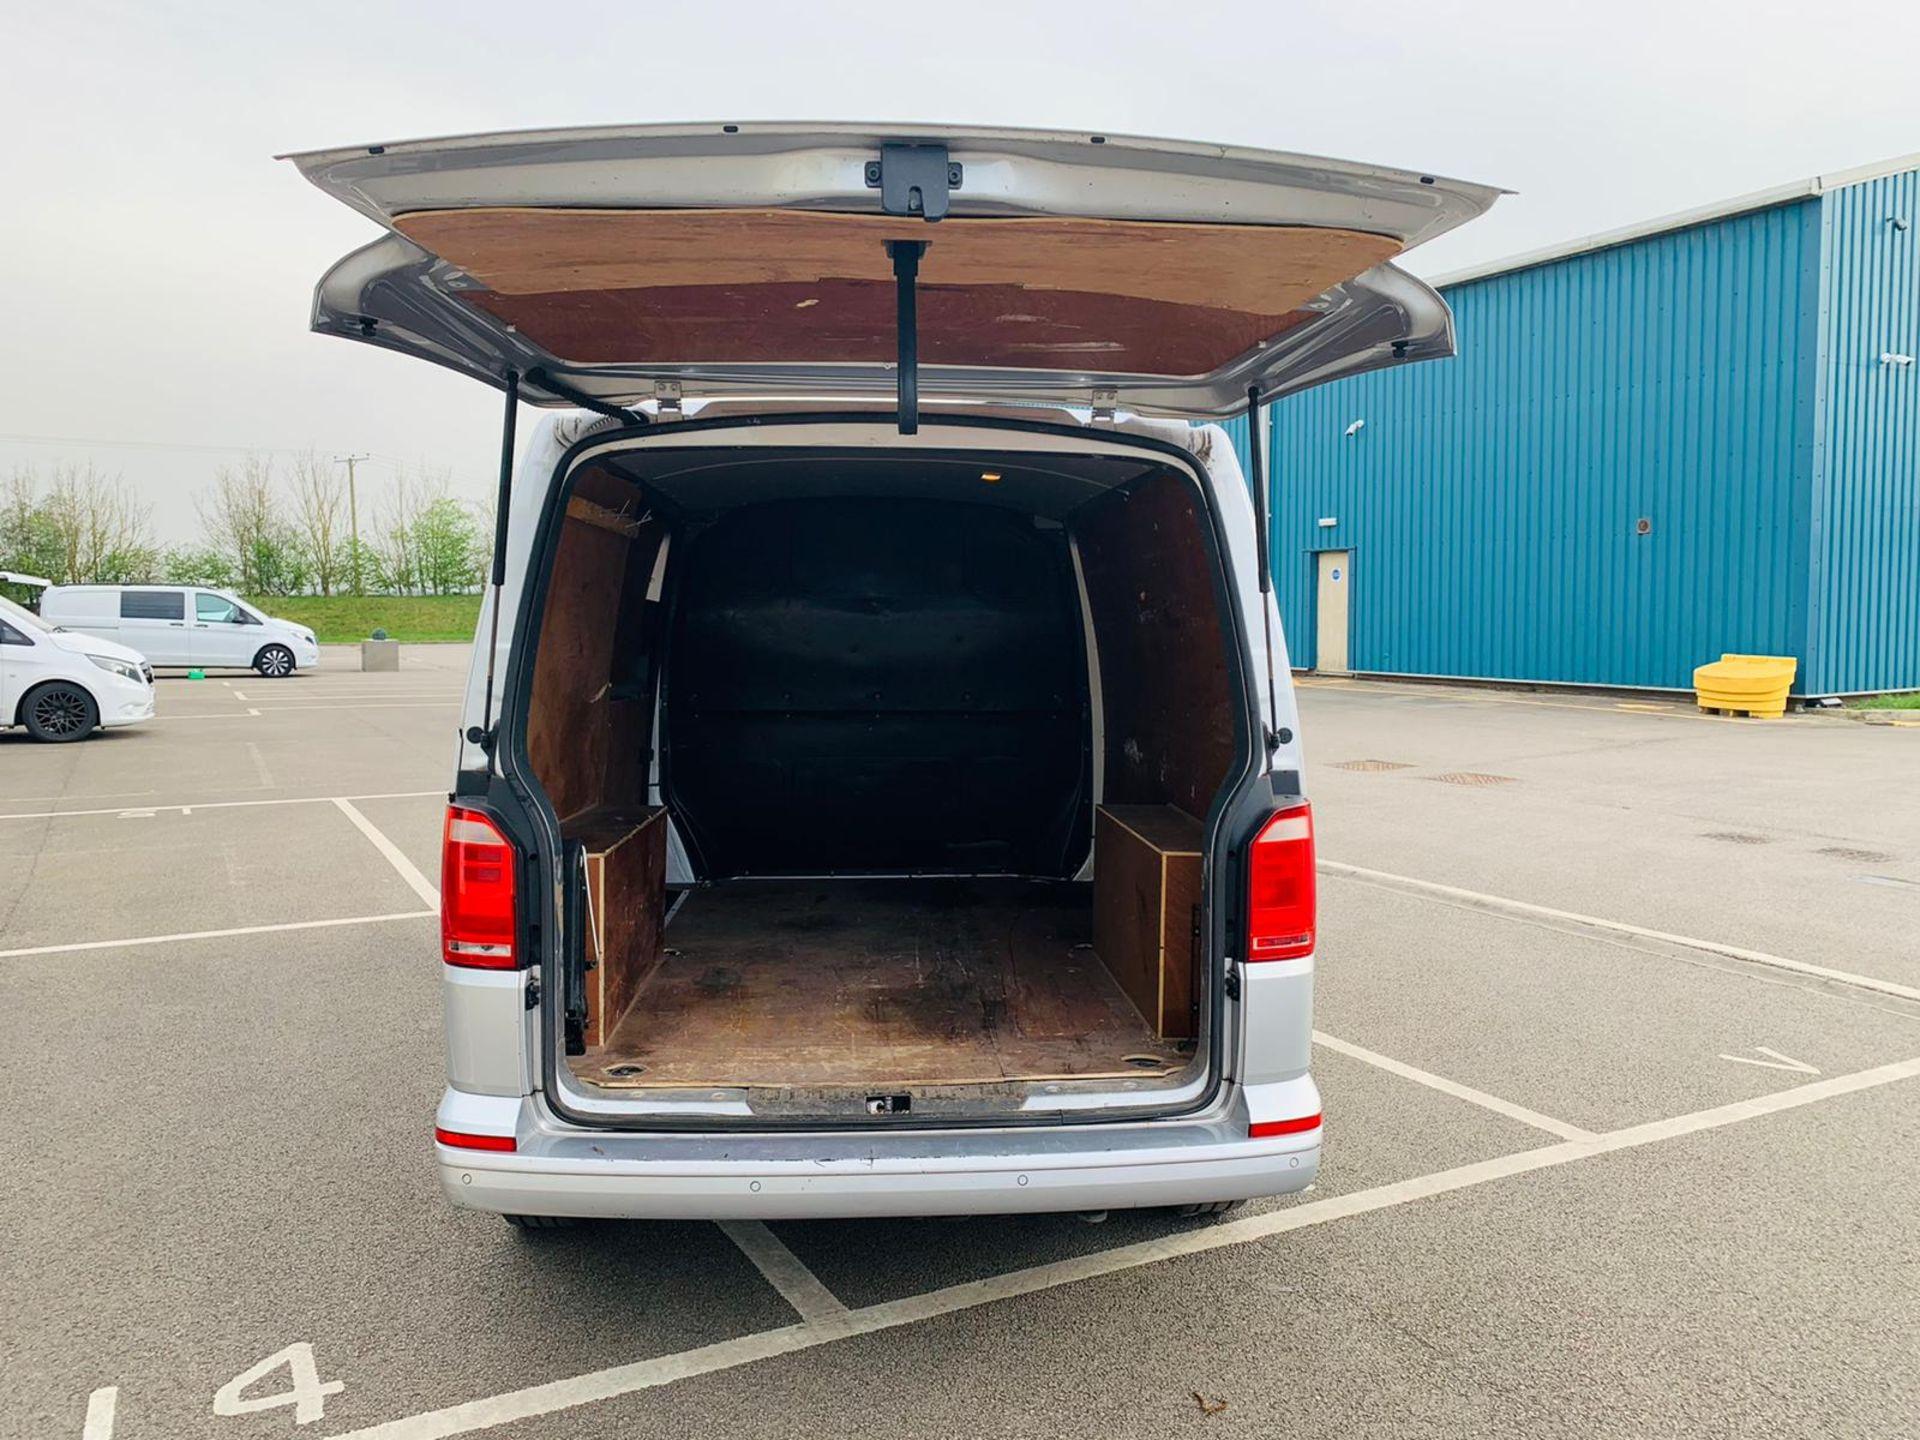 (RESERVE MET) Volkswagen (VW) Transporter 2.0 TDI 150 Highline T28 2018 18 Reg - Parking Sensors - - Image 7 of 23